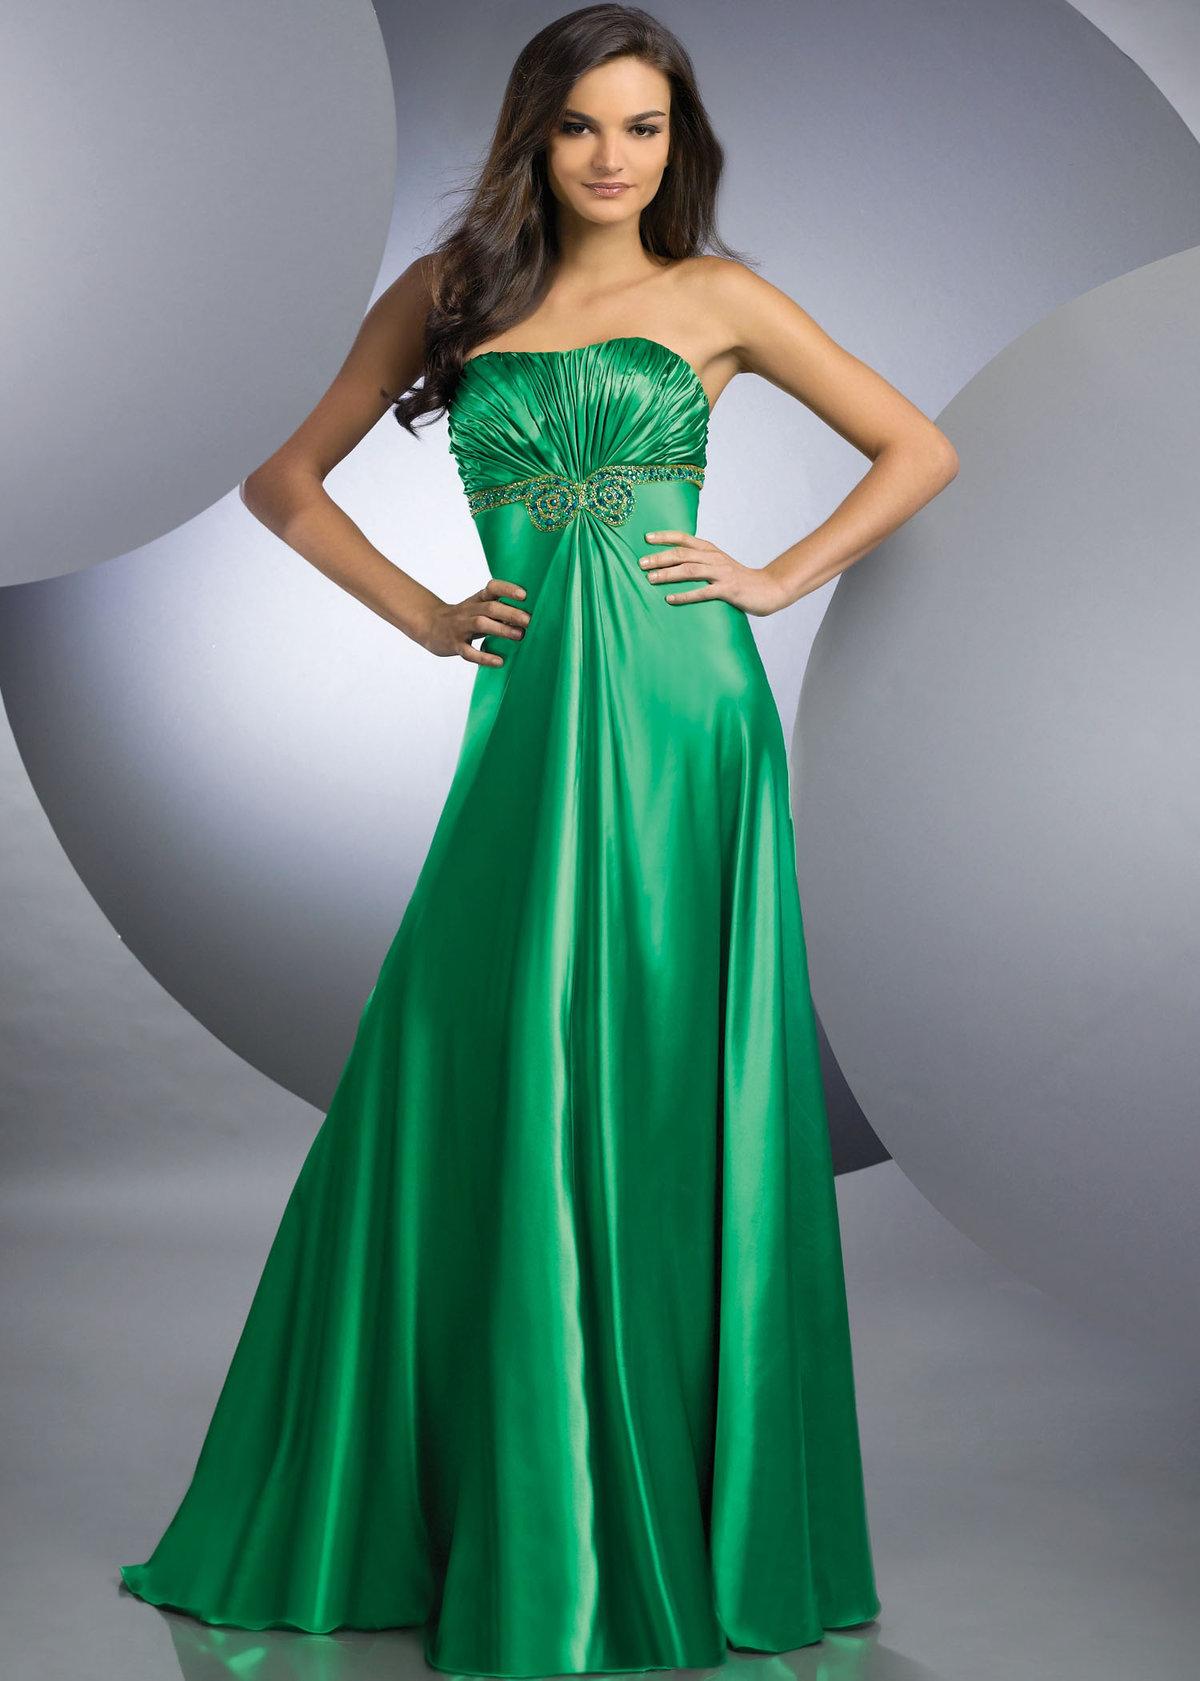 Фото картинки длинных вечерних платьев